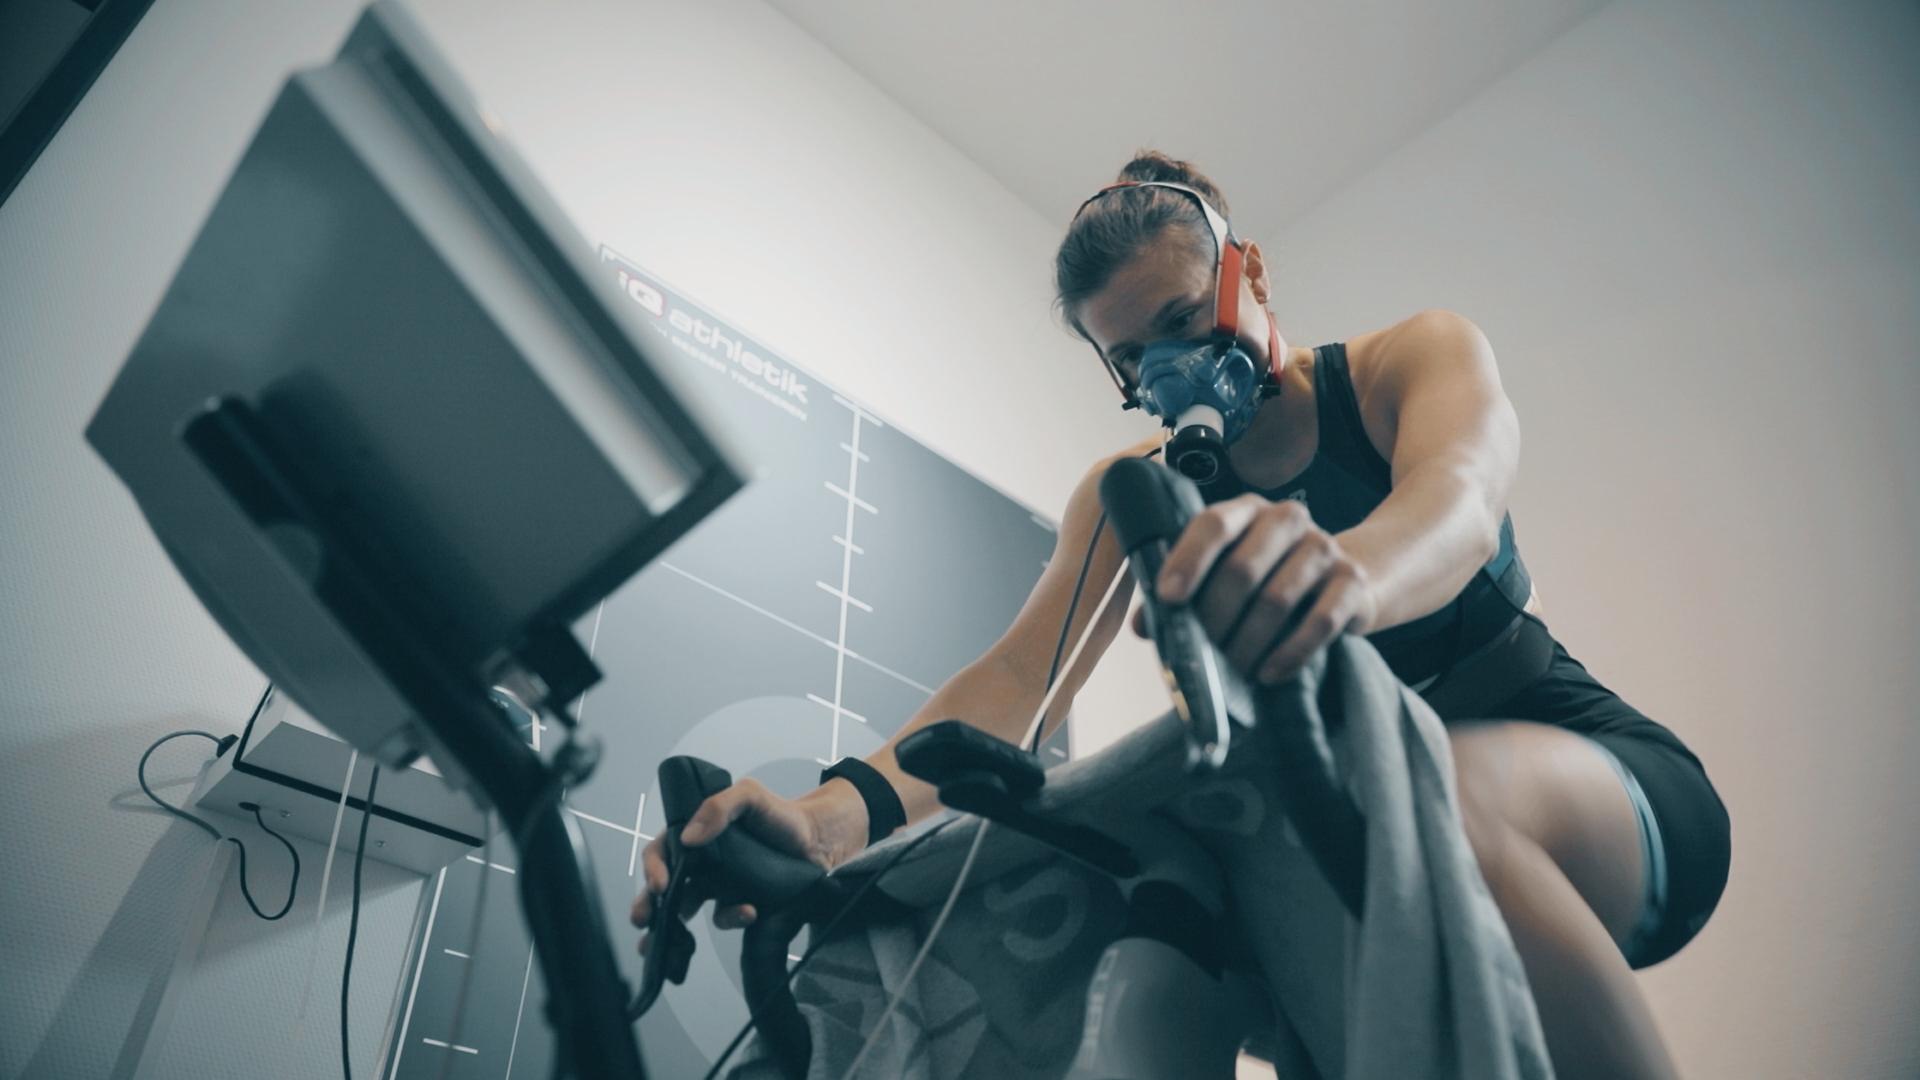 Die Top-Triathletin Anna-Lena Best-Pohl bei der Spiroergometrie mit Laktatdiagnostik im Trainingsinstitut iQ athletik (Foto: Onehandfilm)